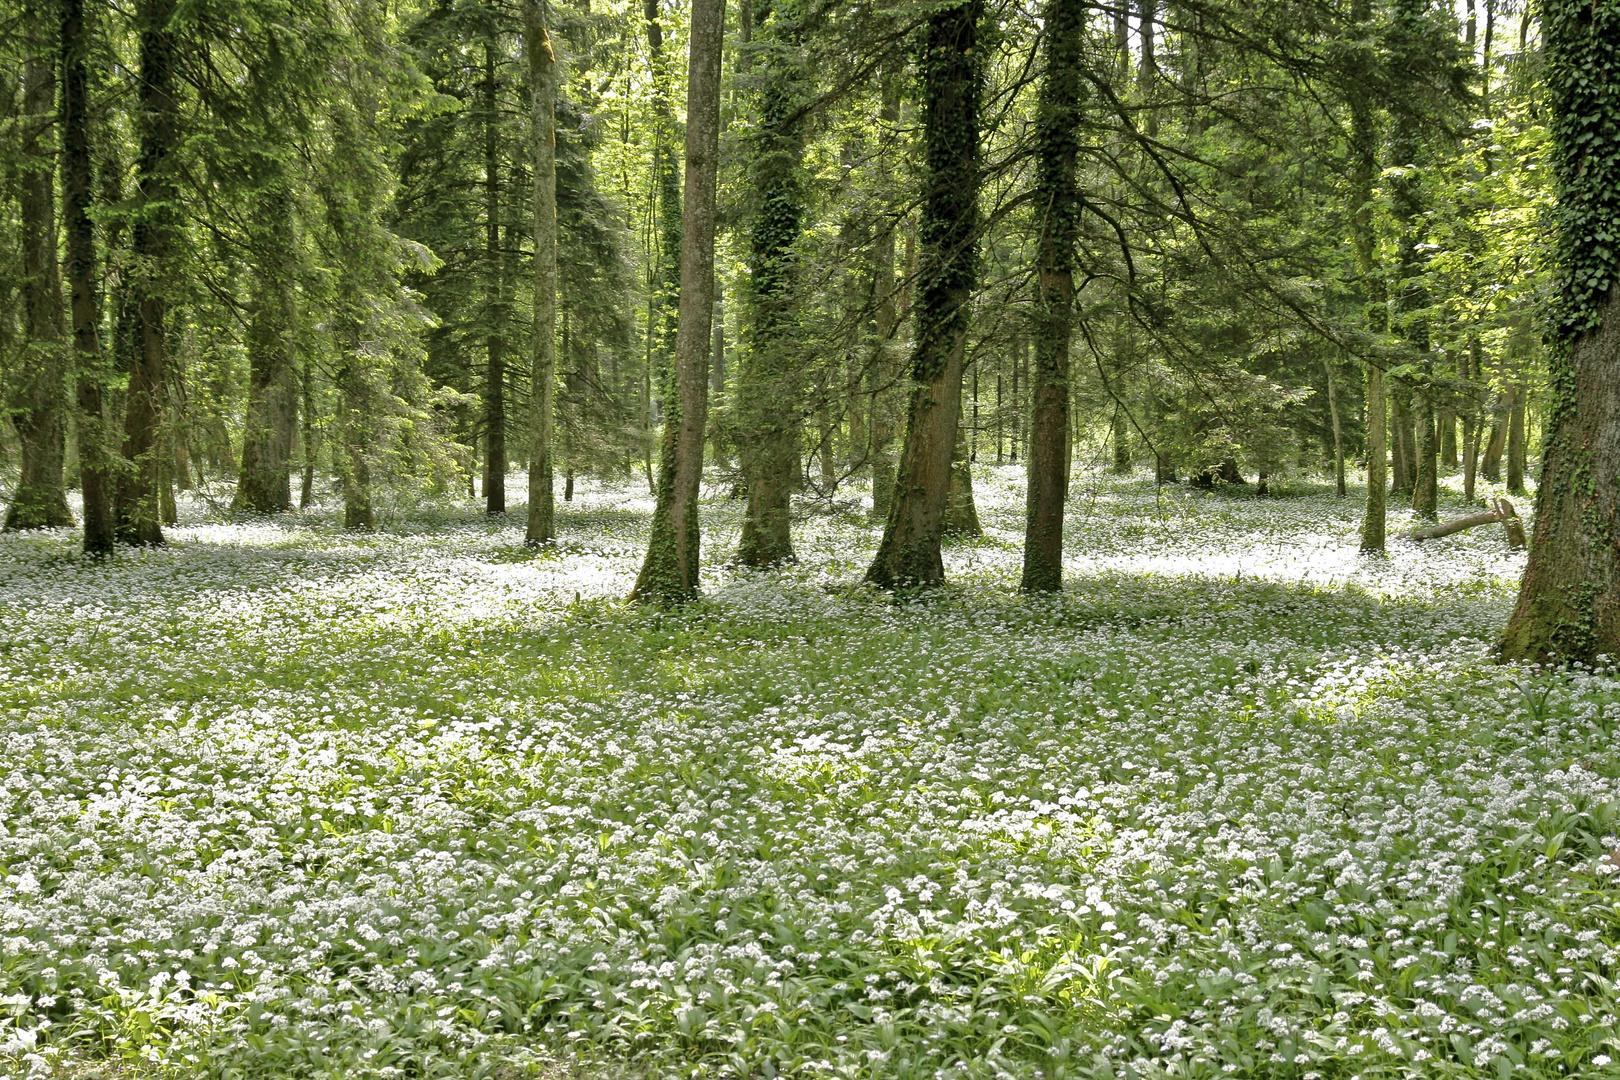 Bärlauchwiese im Wald